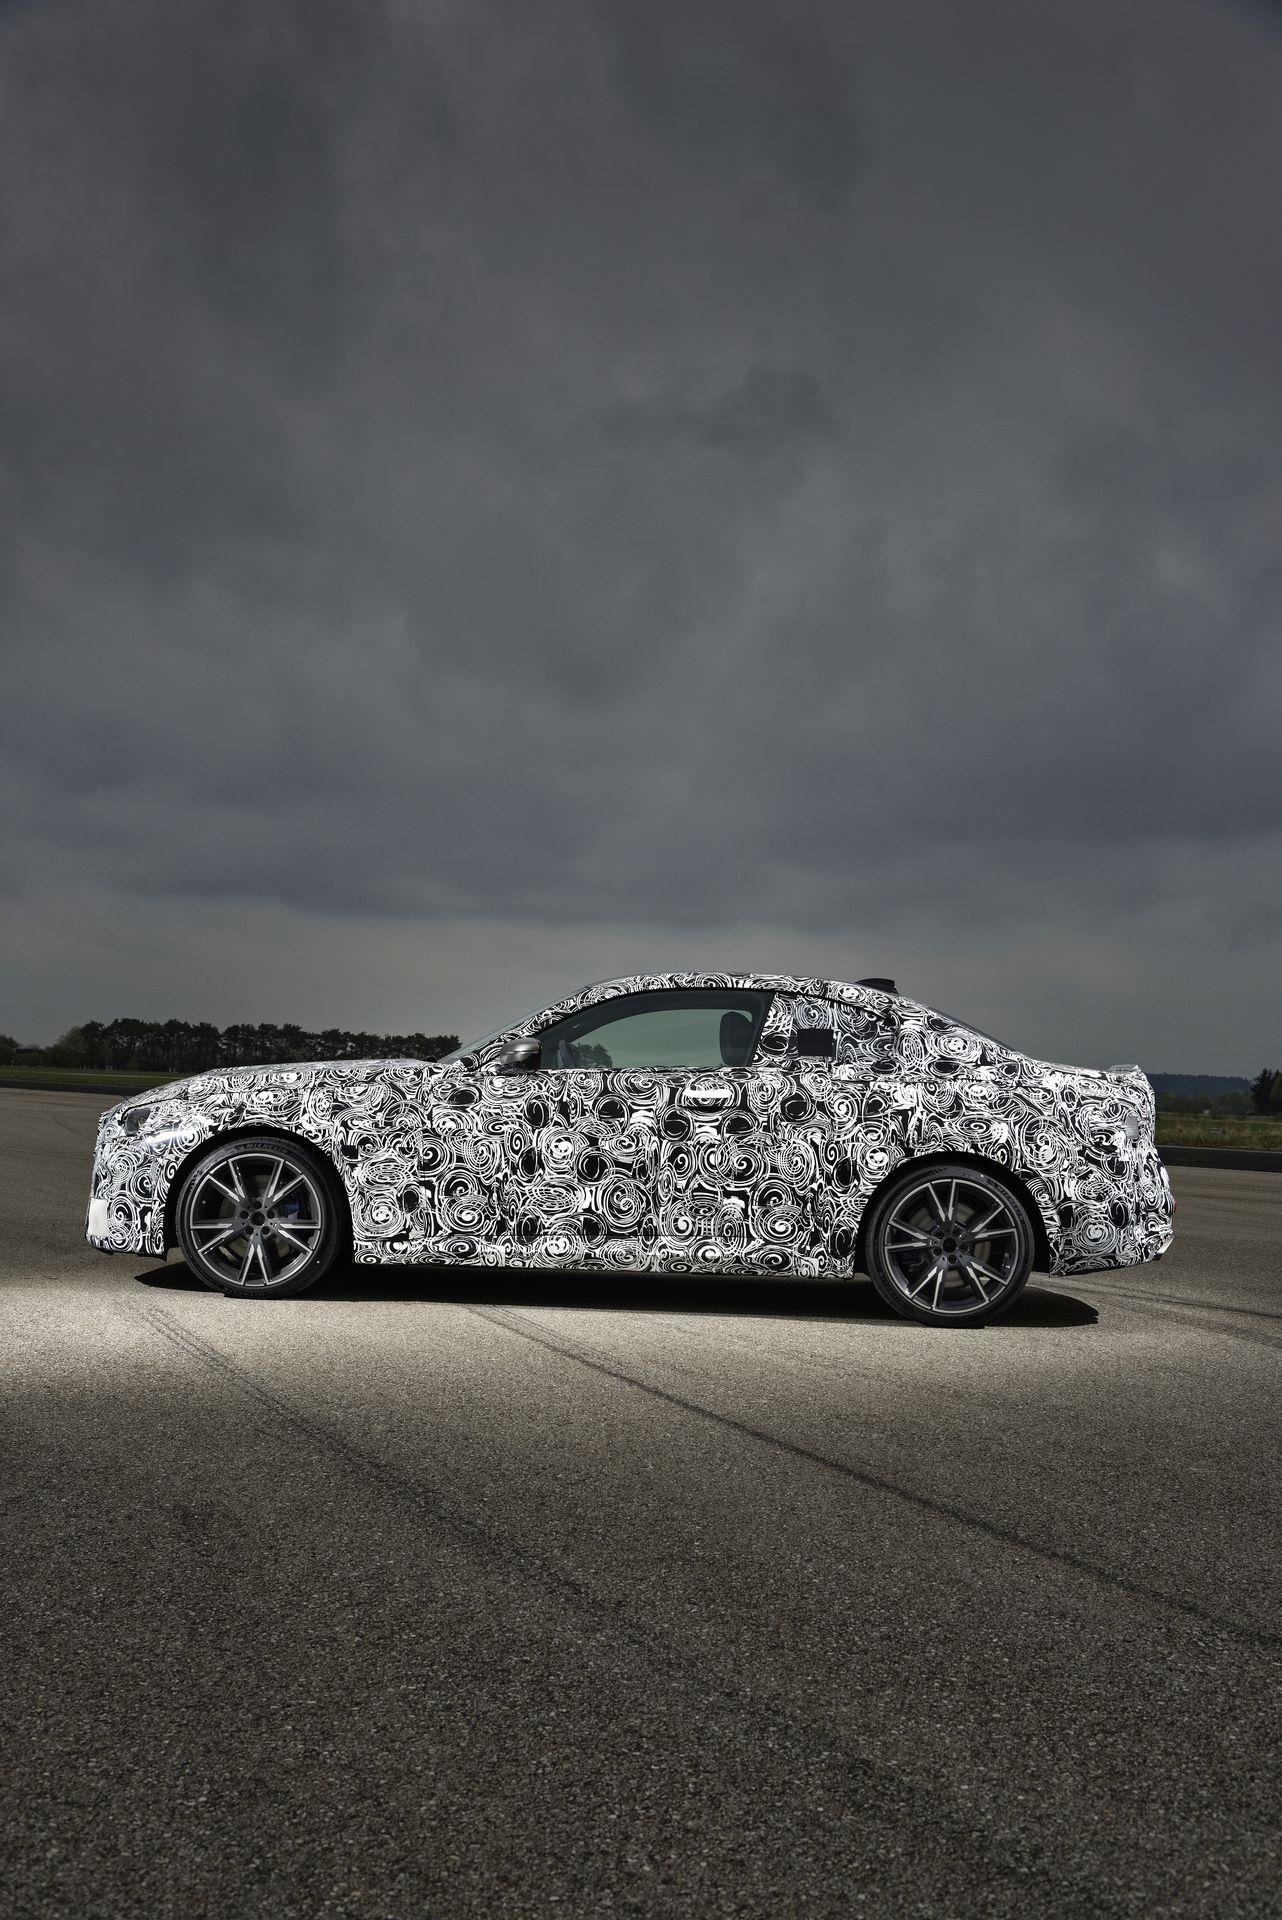 BMW-2-Series-M240i-spy-photos-105